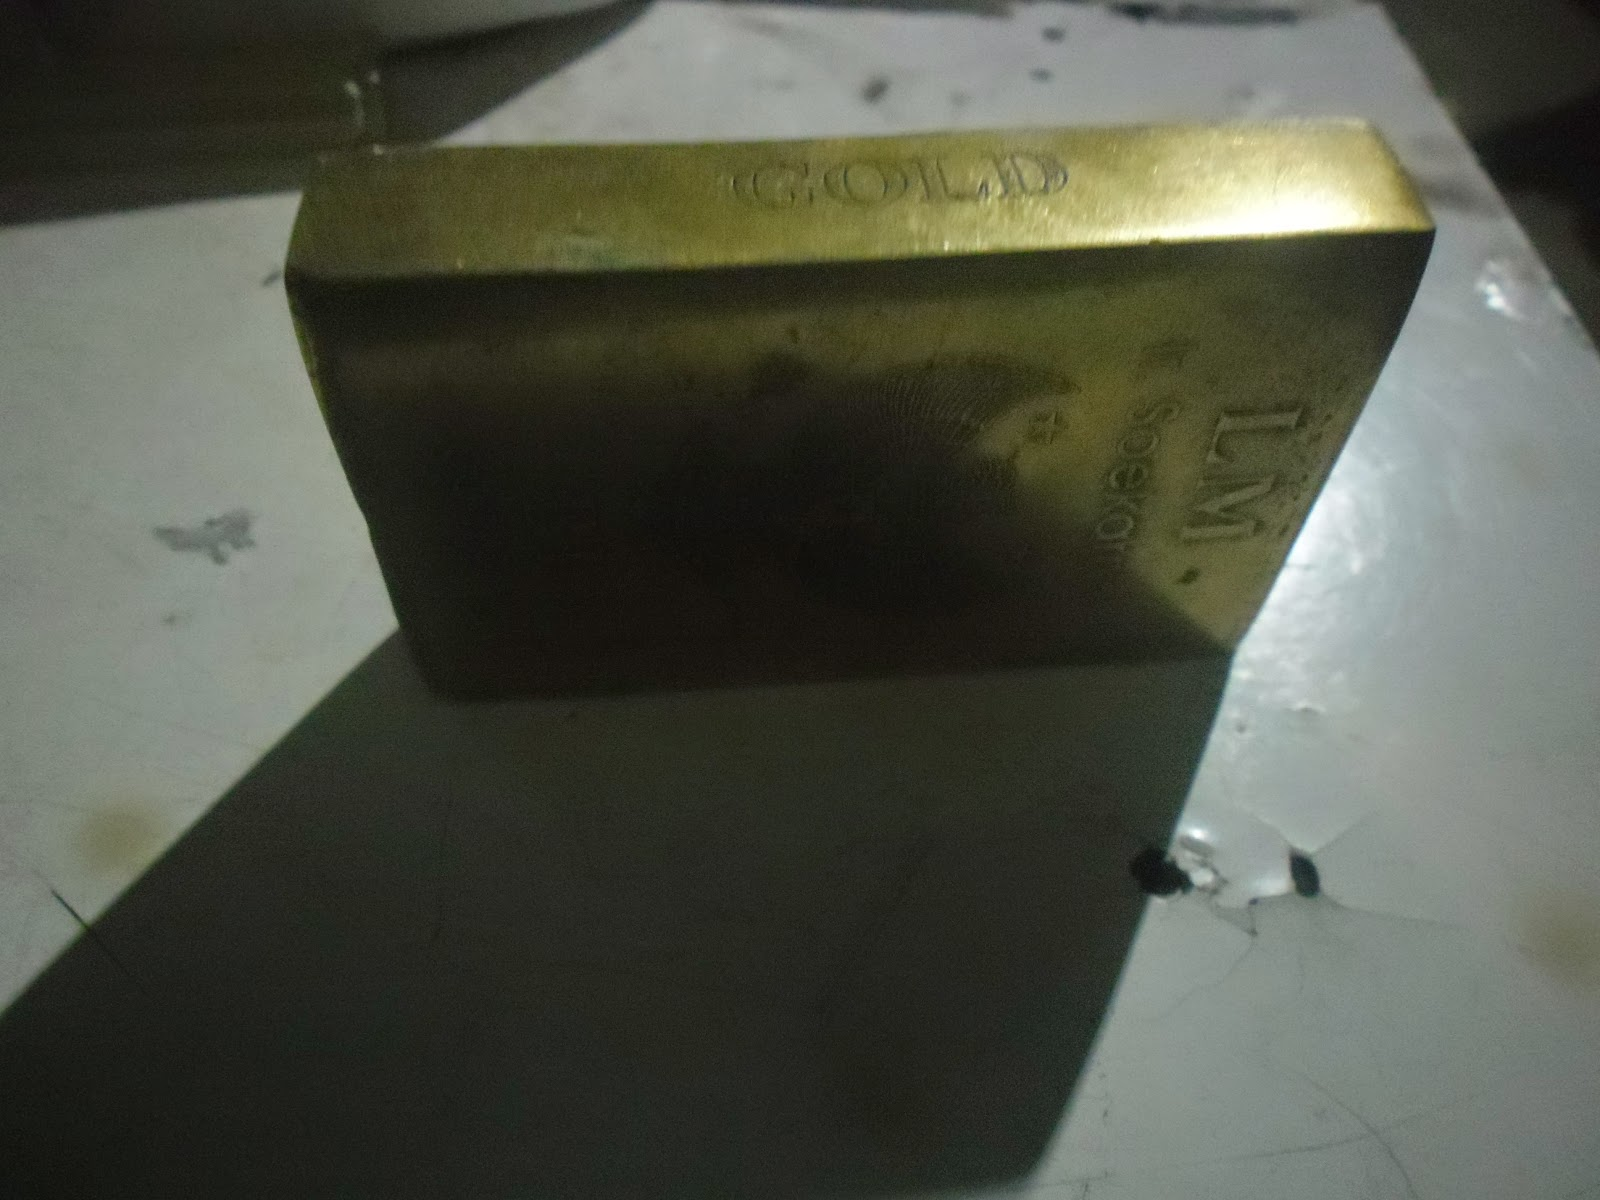 Barang Antik Logam Mulia Irsoekarno Gold 24 Karat Bi 999 9